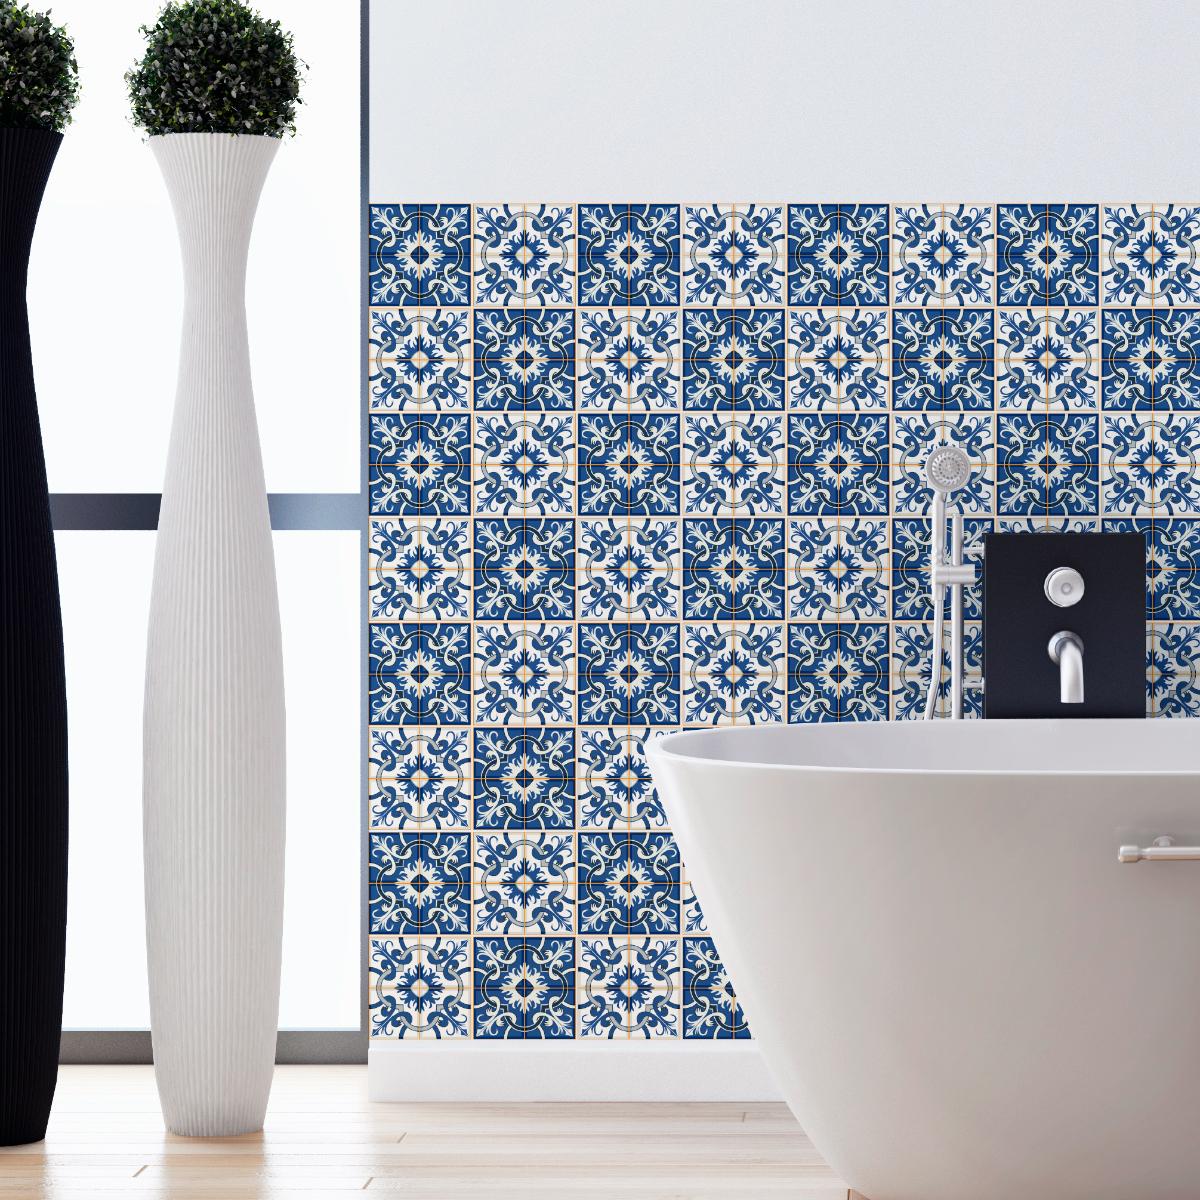 24 stickers carreaux de ciment azulejos vito salle de bain et wc salle de bain ambiance sticker. Black Bedroom Furniture Sets. Home Design Ideas